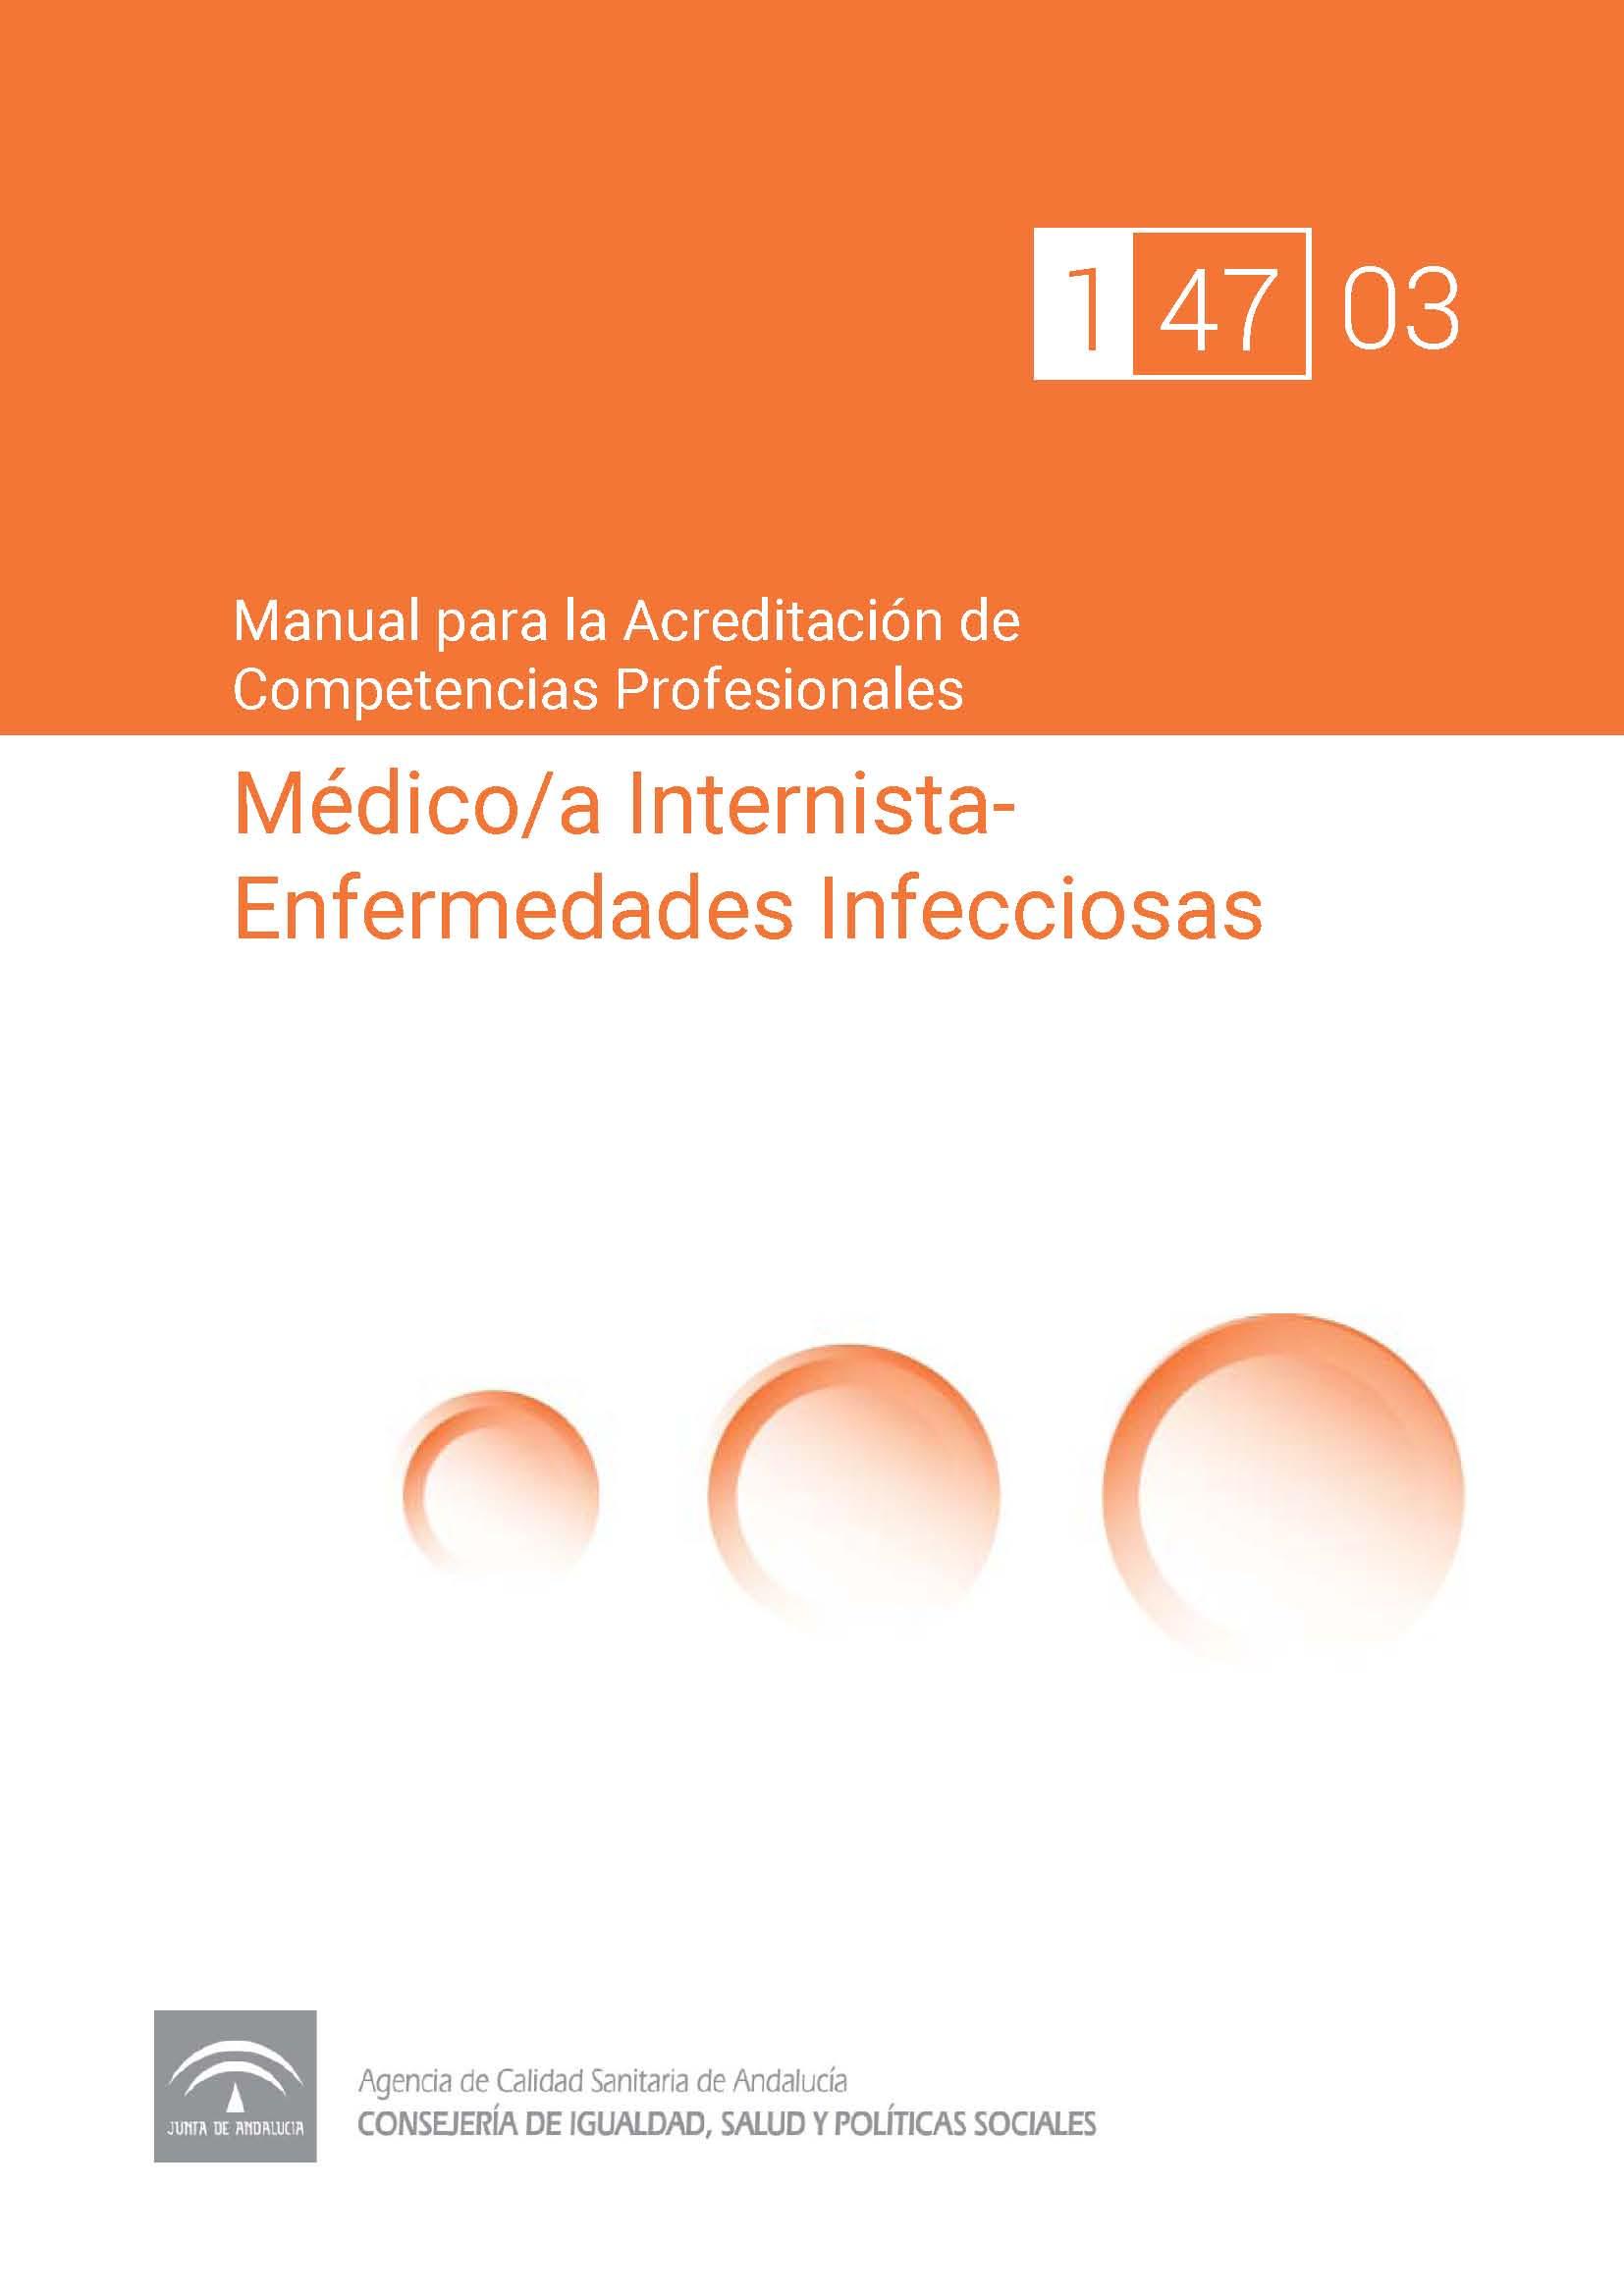 Manual para la Acreditación de Competencias del Médico Internista Enfermedades  Infecciosas